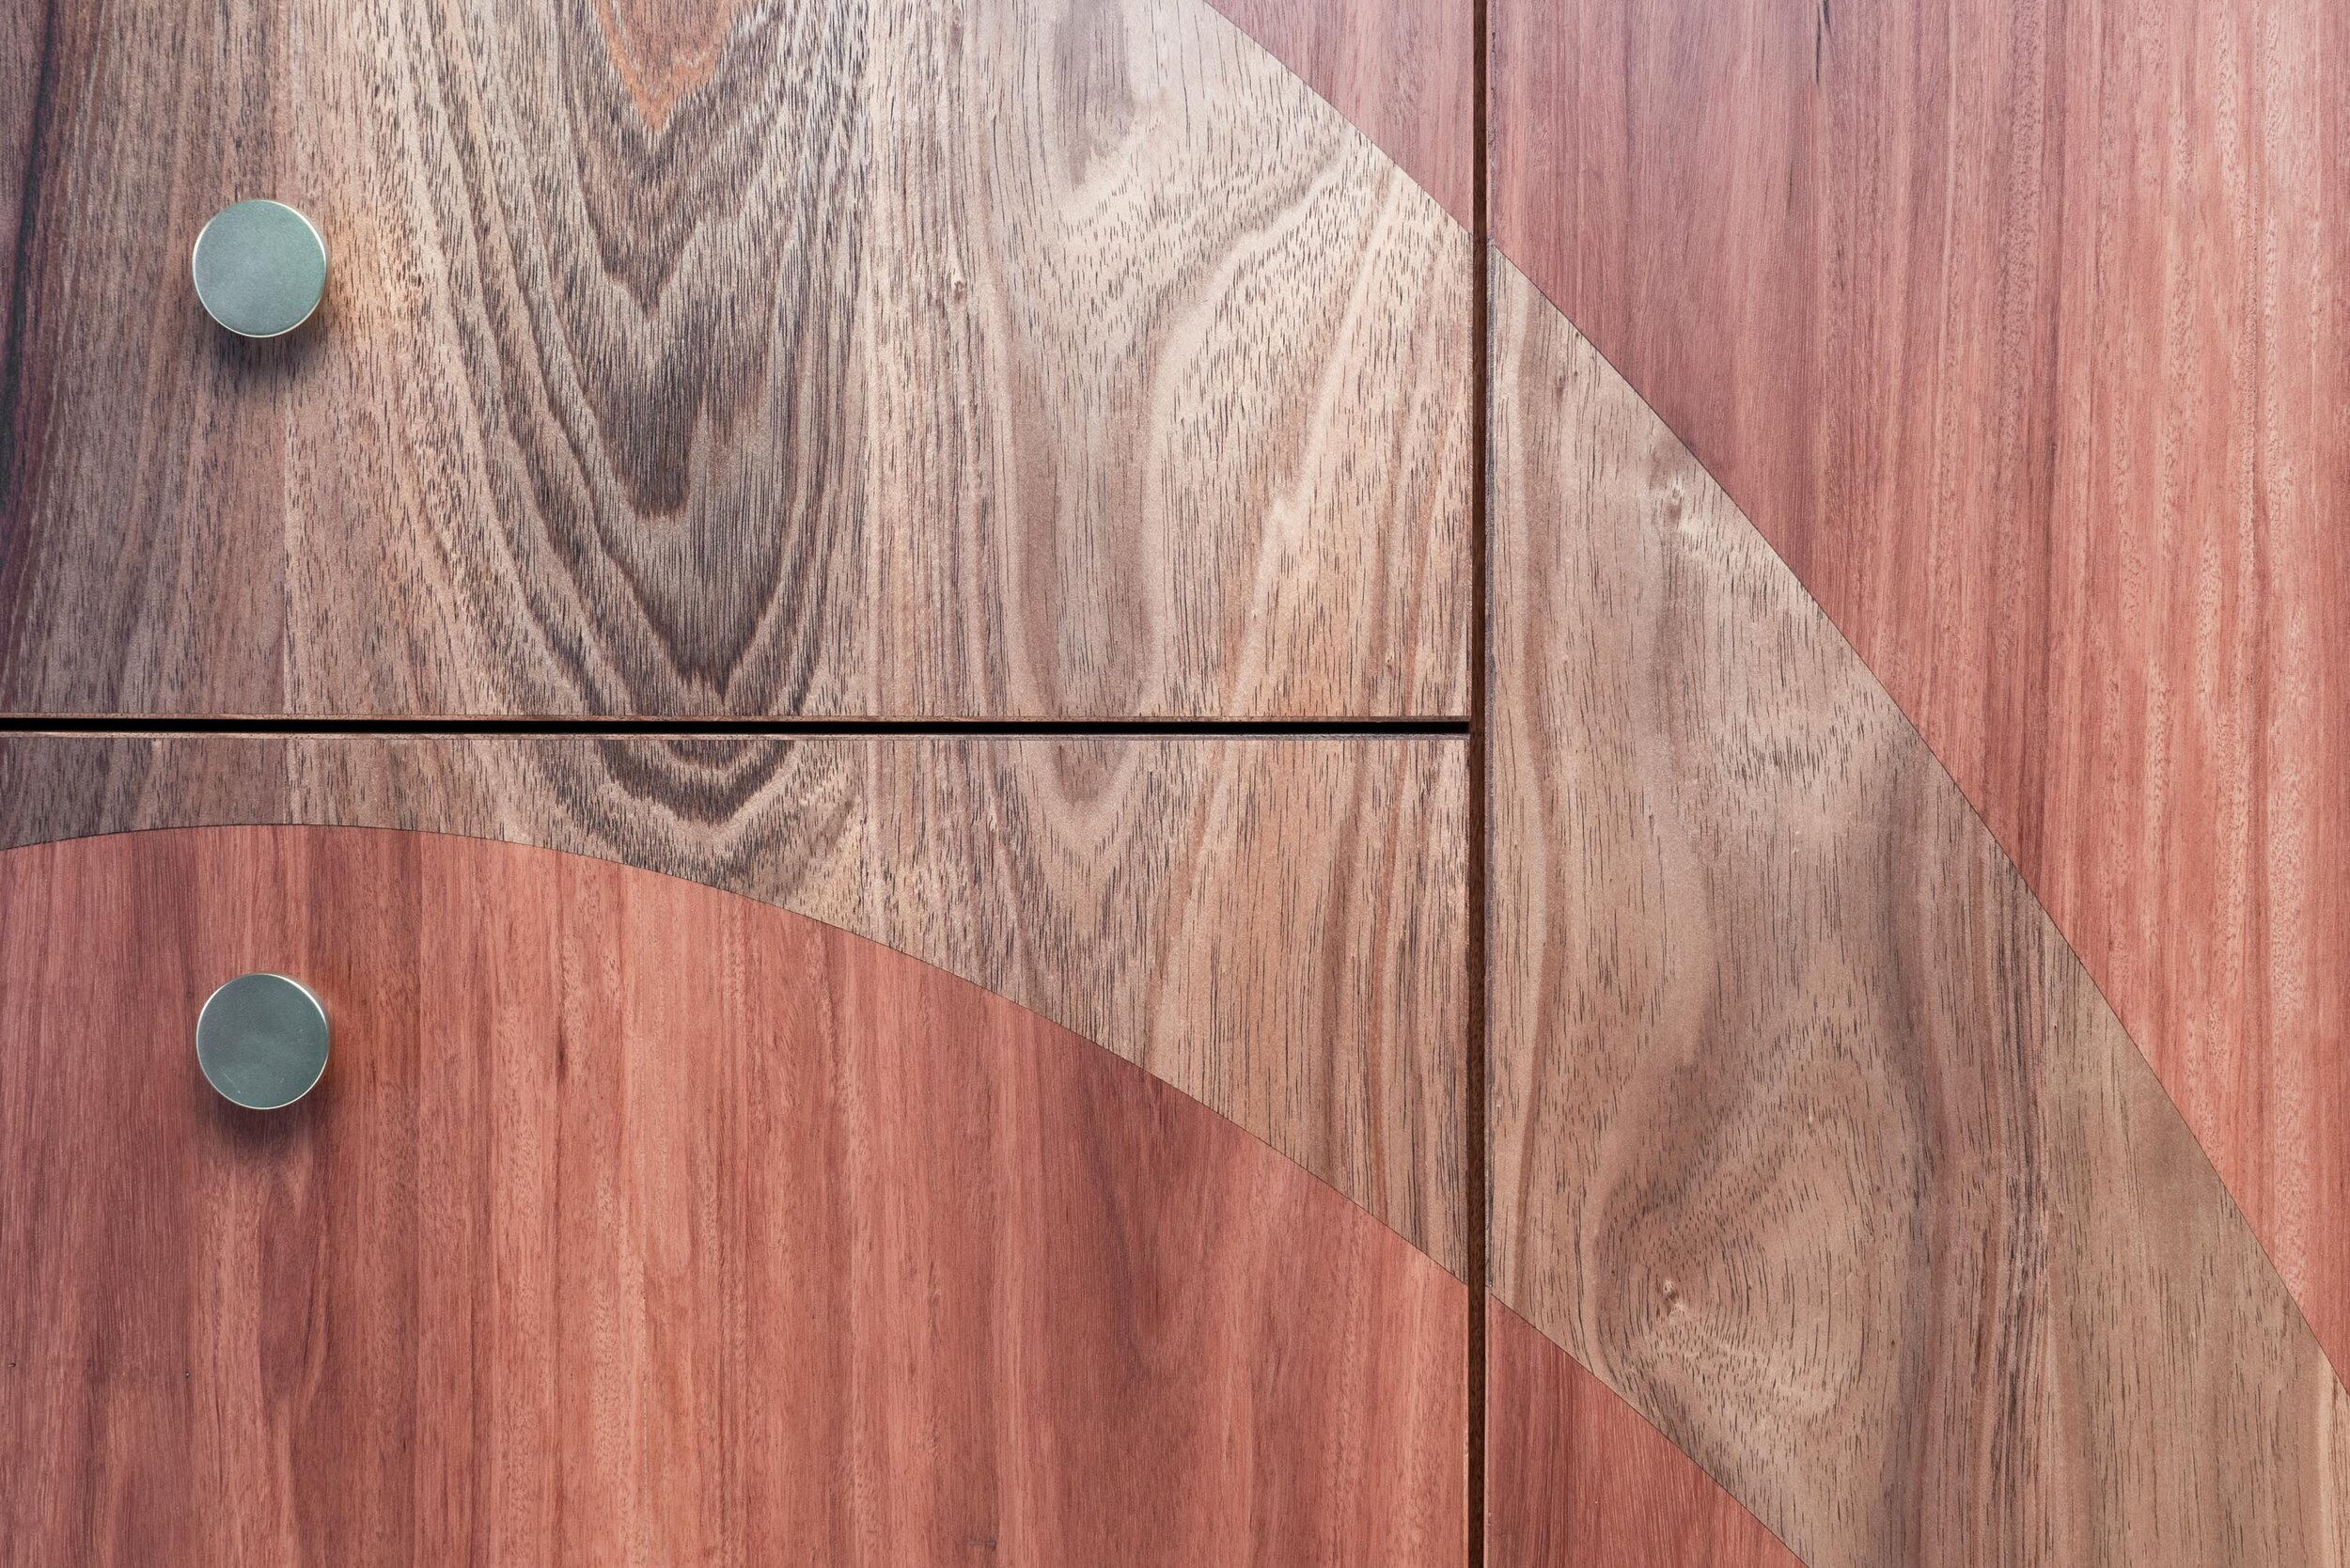 Curved sideboard4.jpg